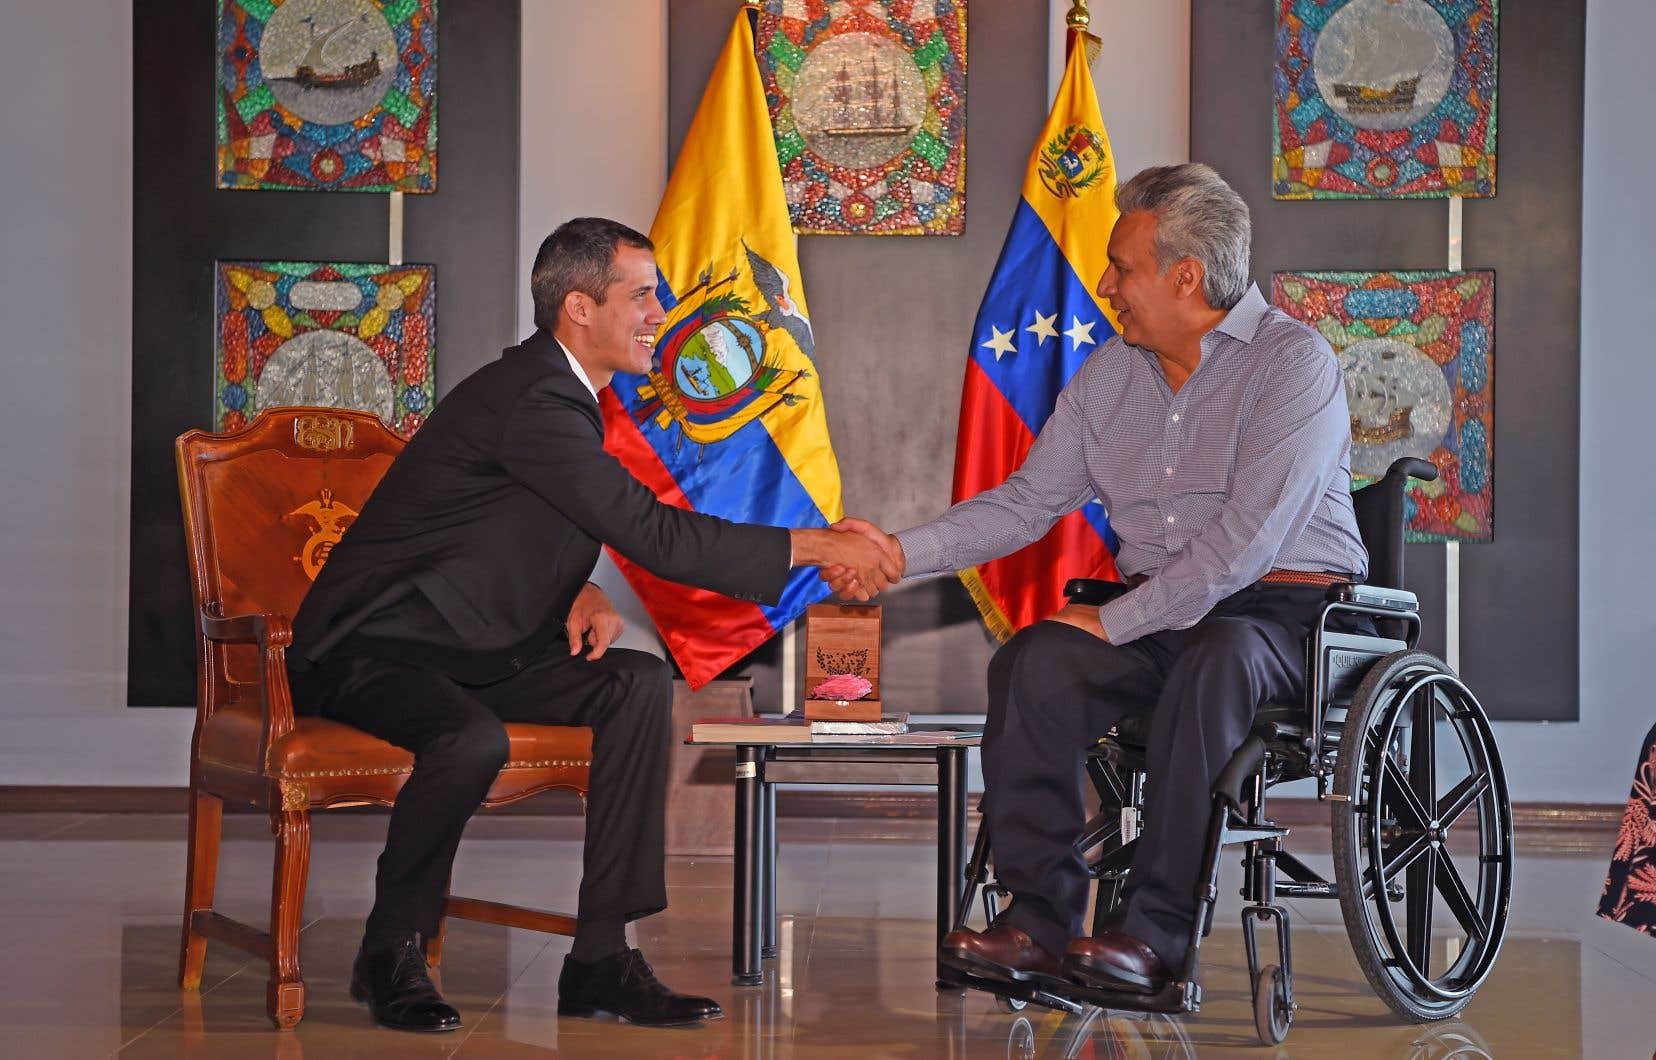 Le président vénézuélien autoproclamé, Juan Guaidó (à gauche), serrant la main du président équatorien, Lenín Moreno, à Salinas, dimanche, dernière étape d'une visite régionale en Amérique du Sud.